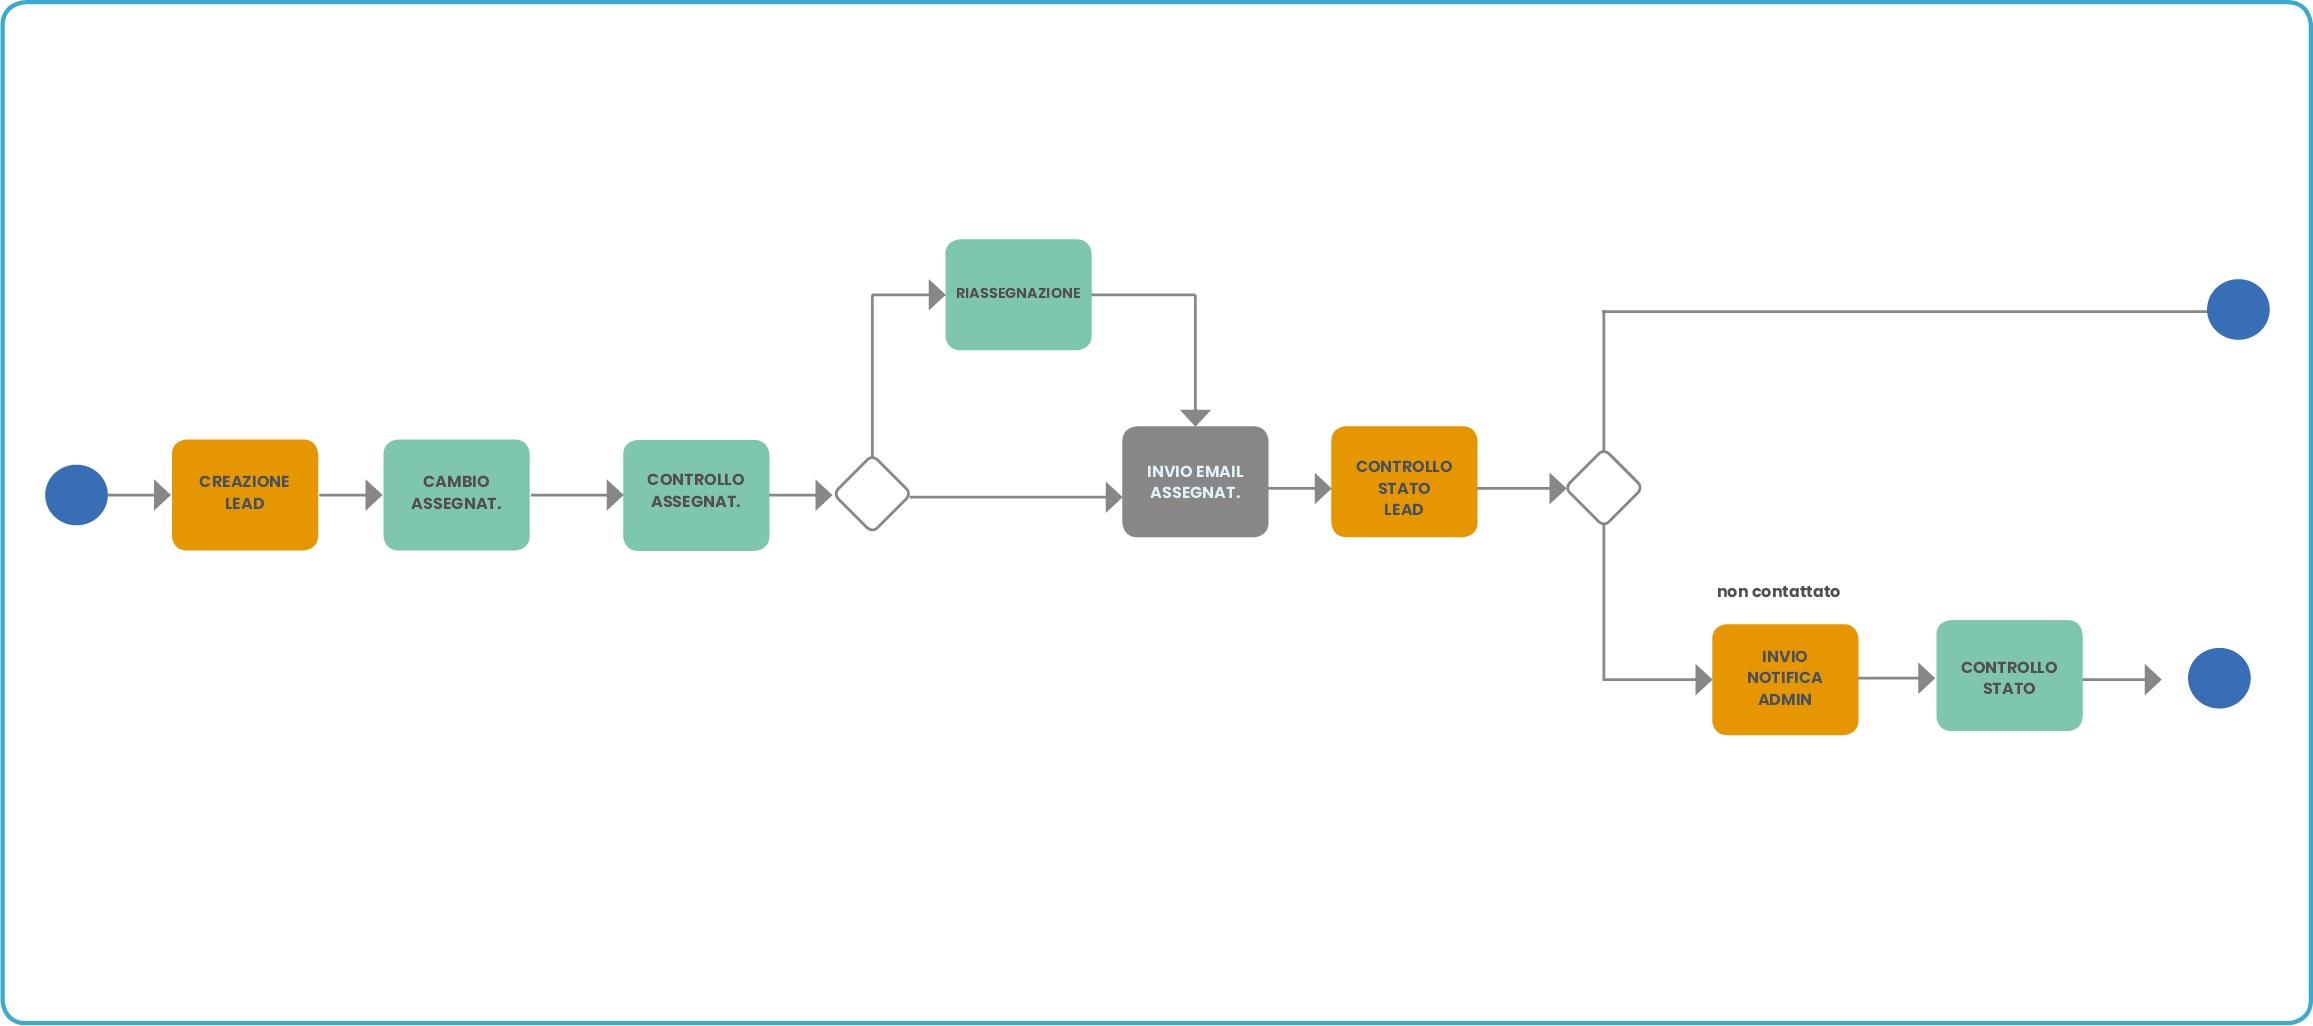 Processo per leads